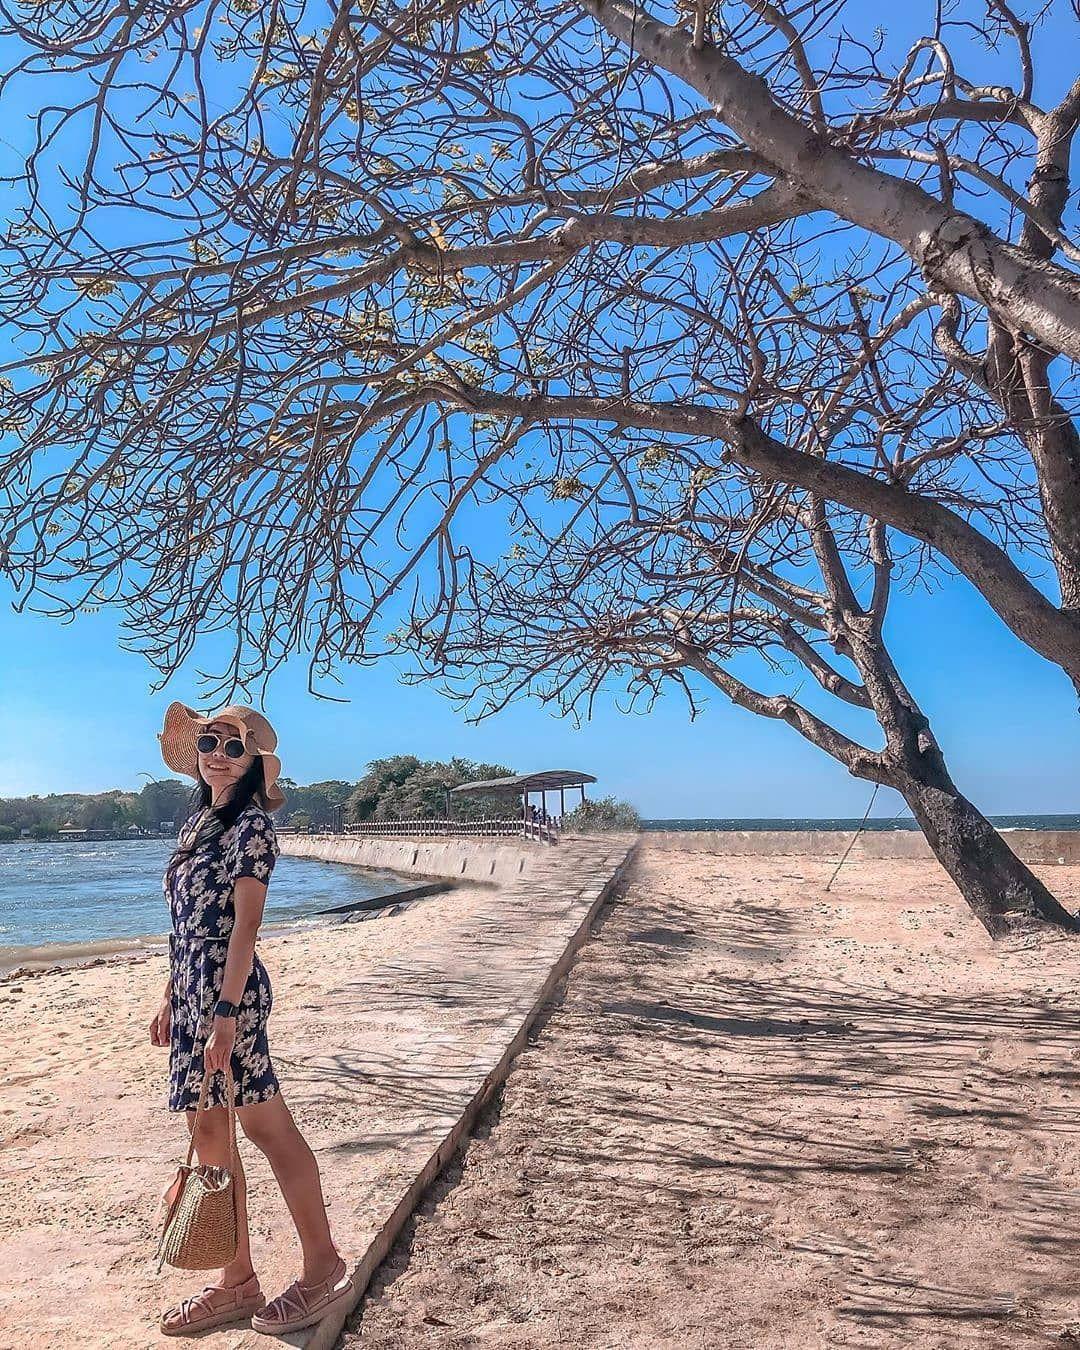 Tempat Wisata Indonesia yang Dibuka Saat Adaptasi Kebiasaan Baru